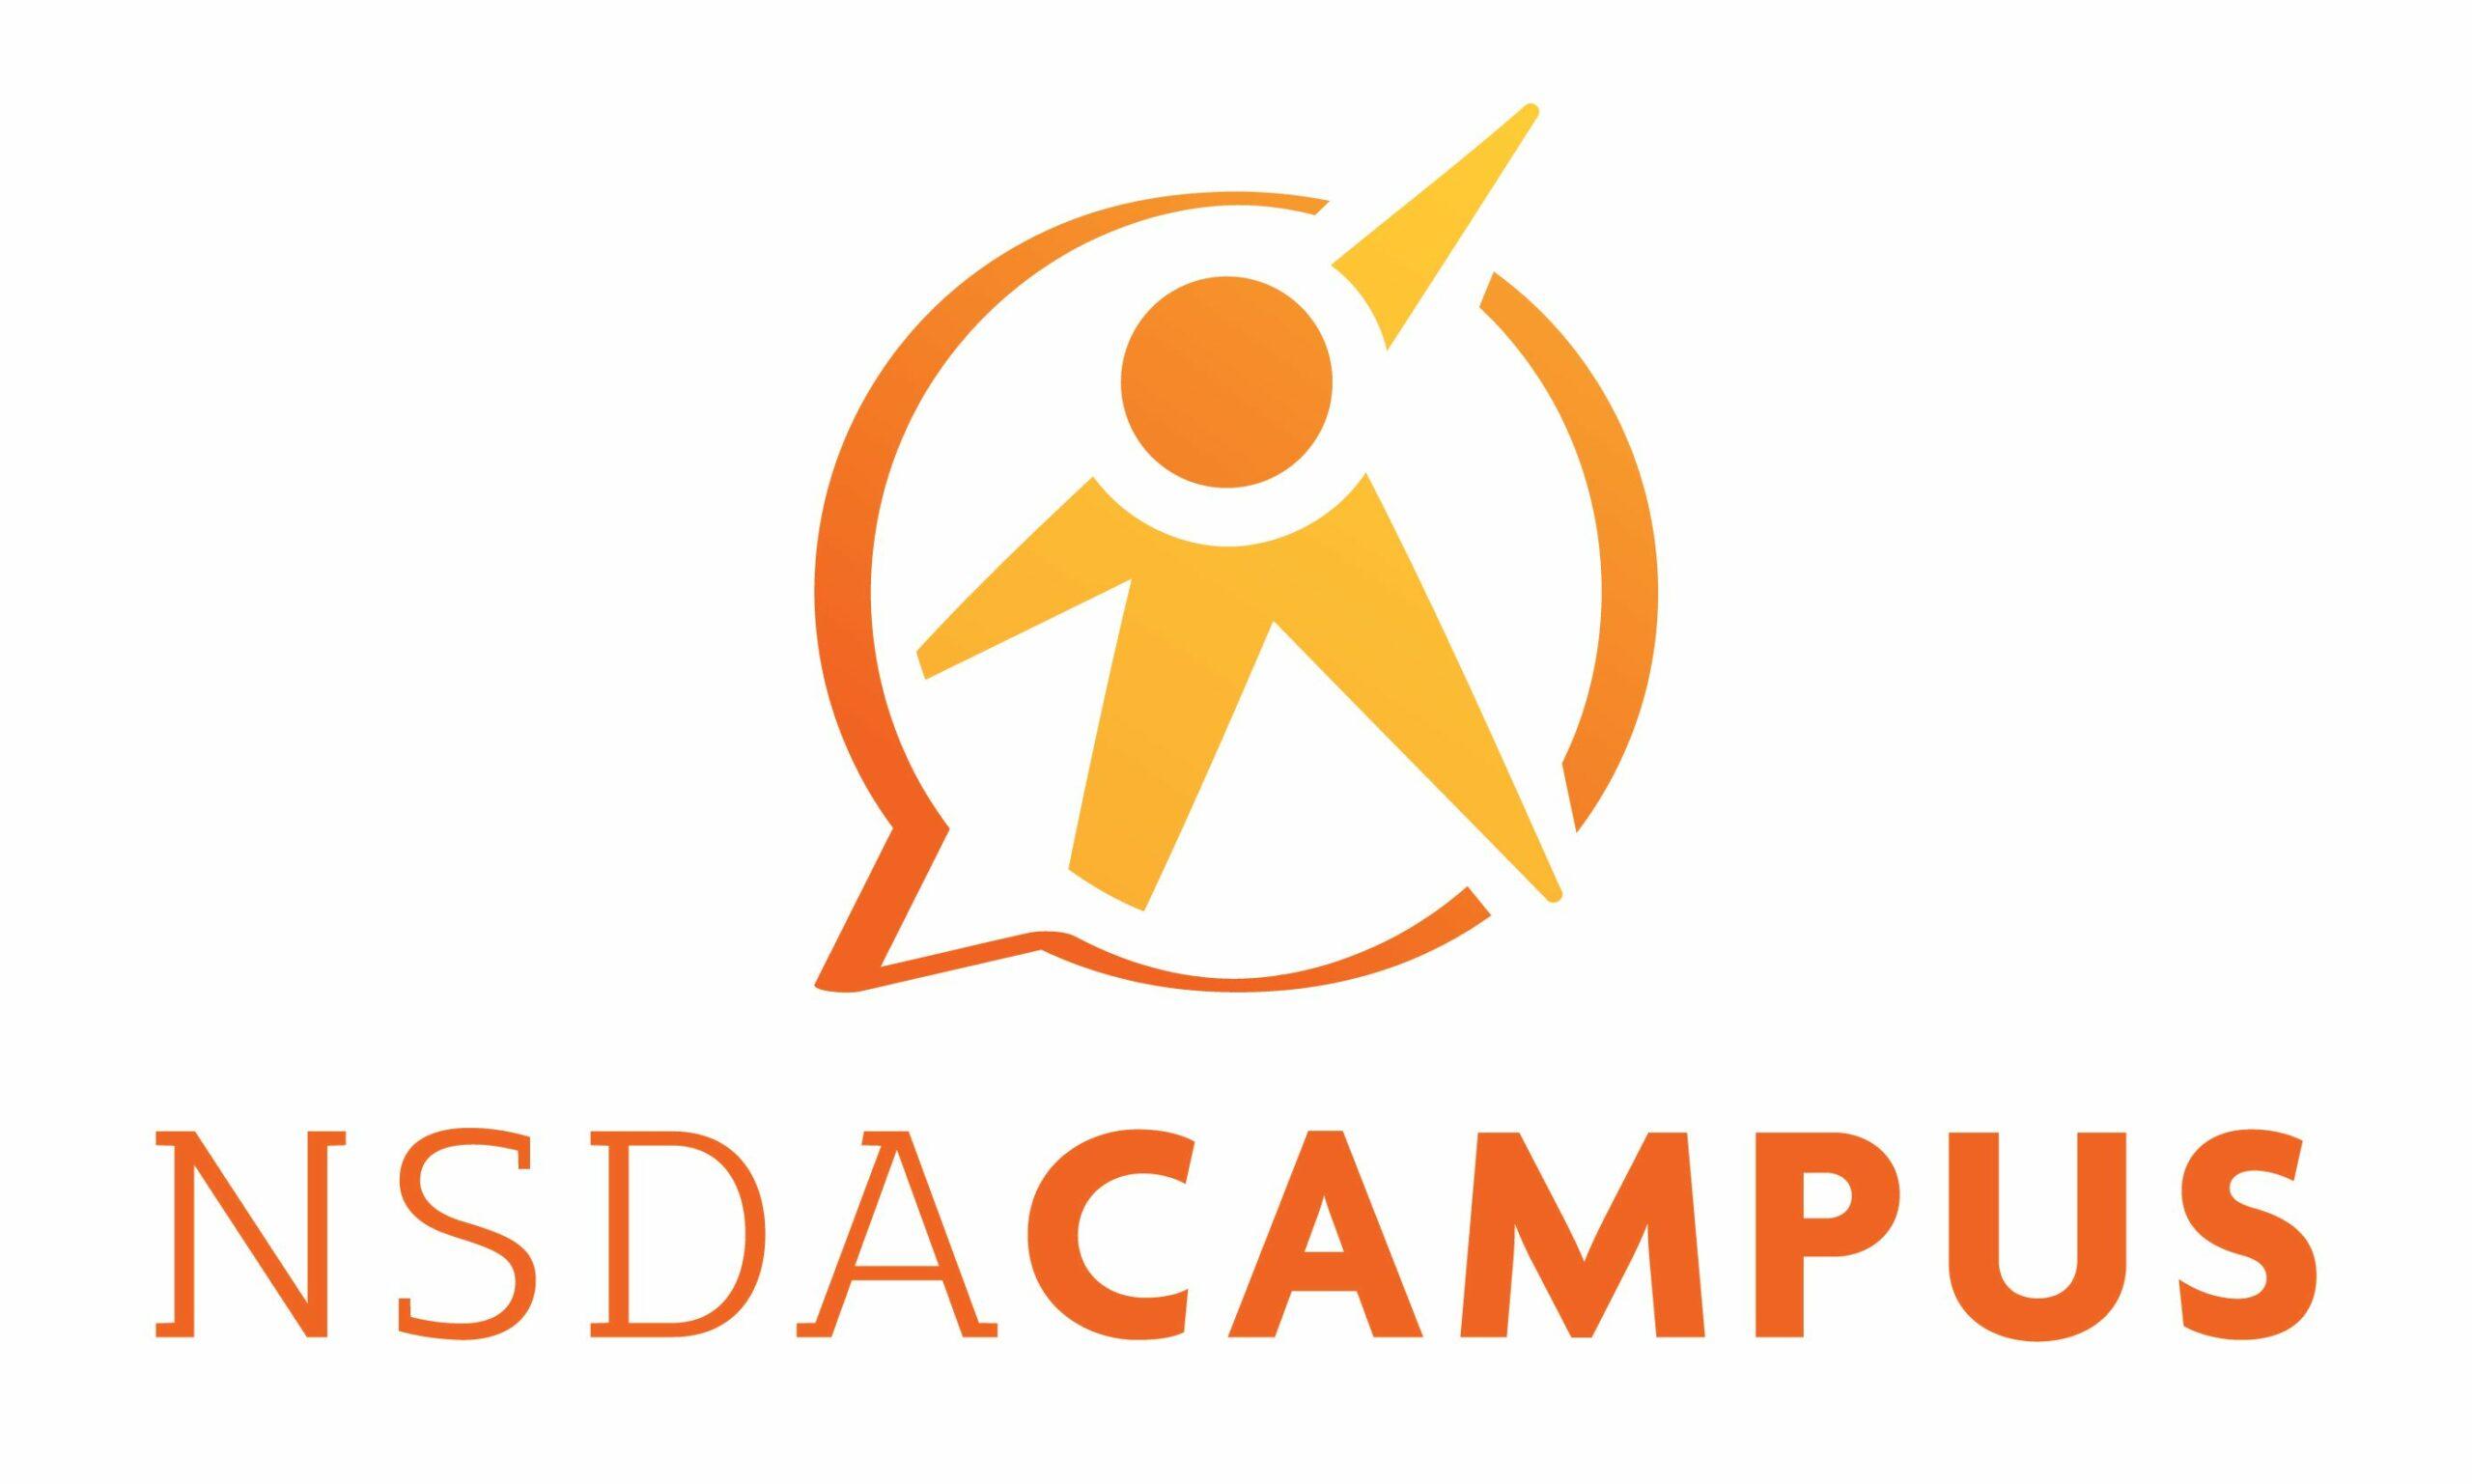 NSDA Campus